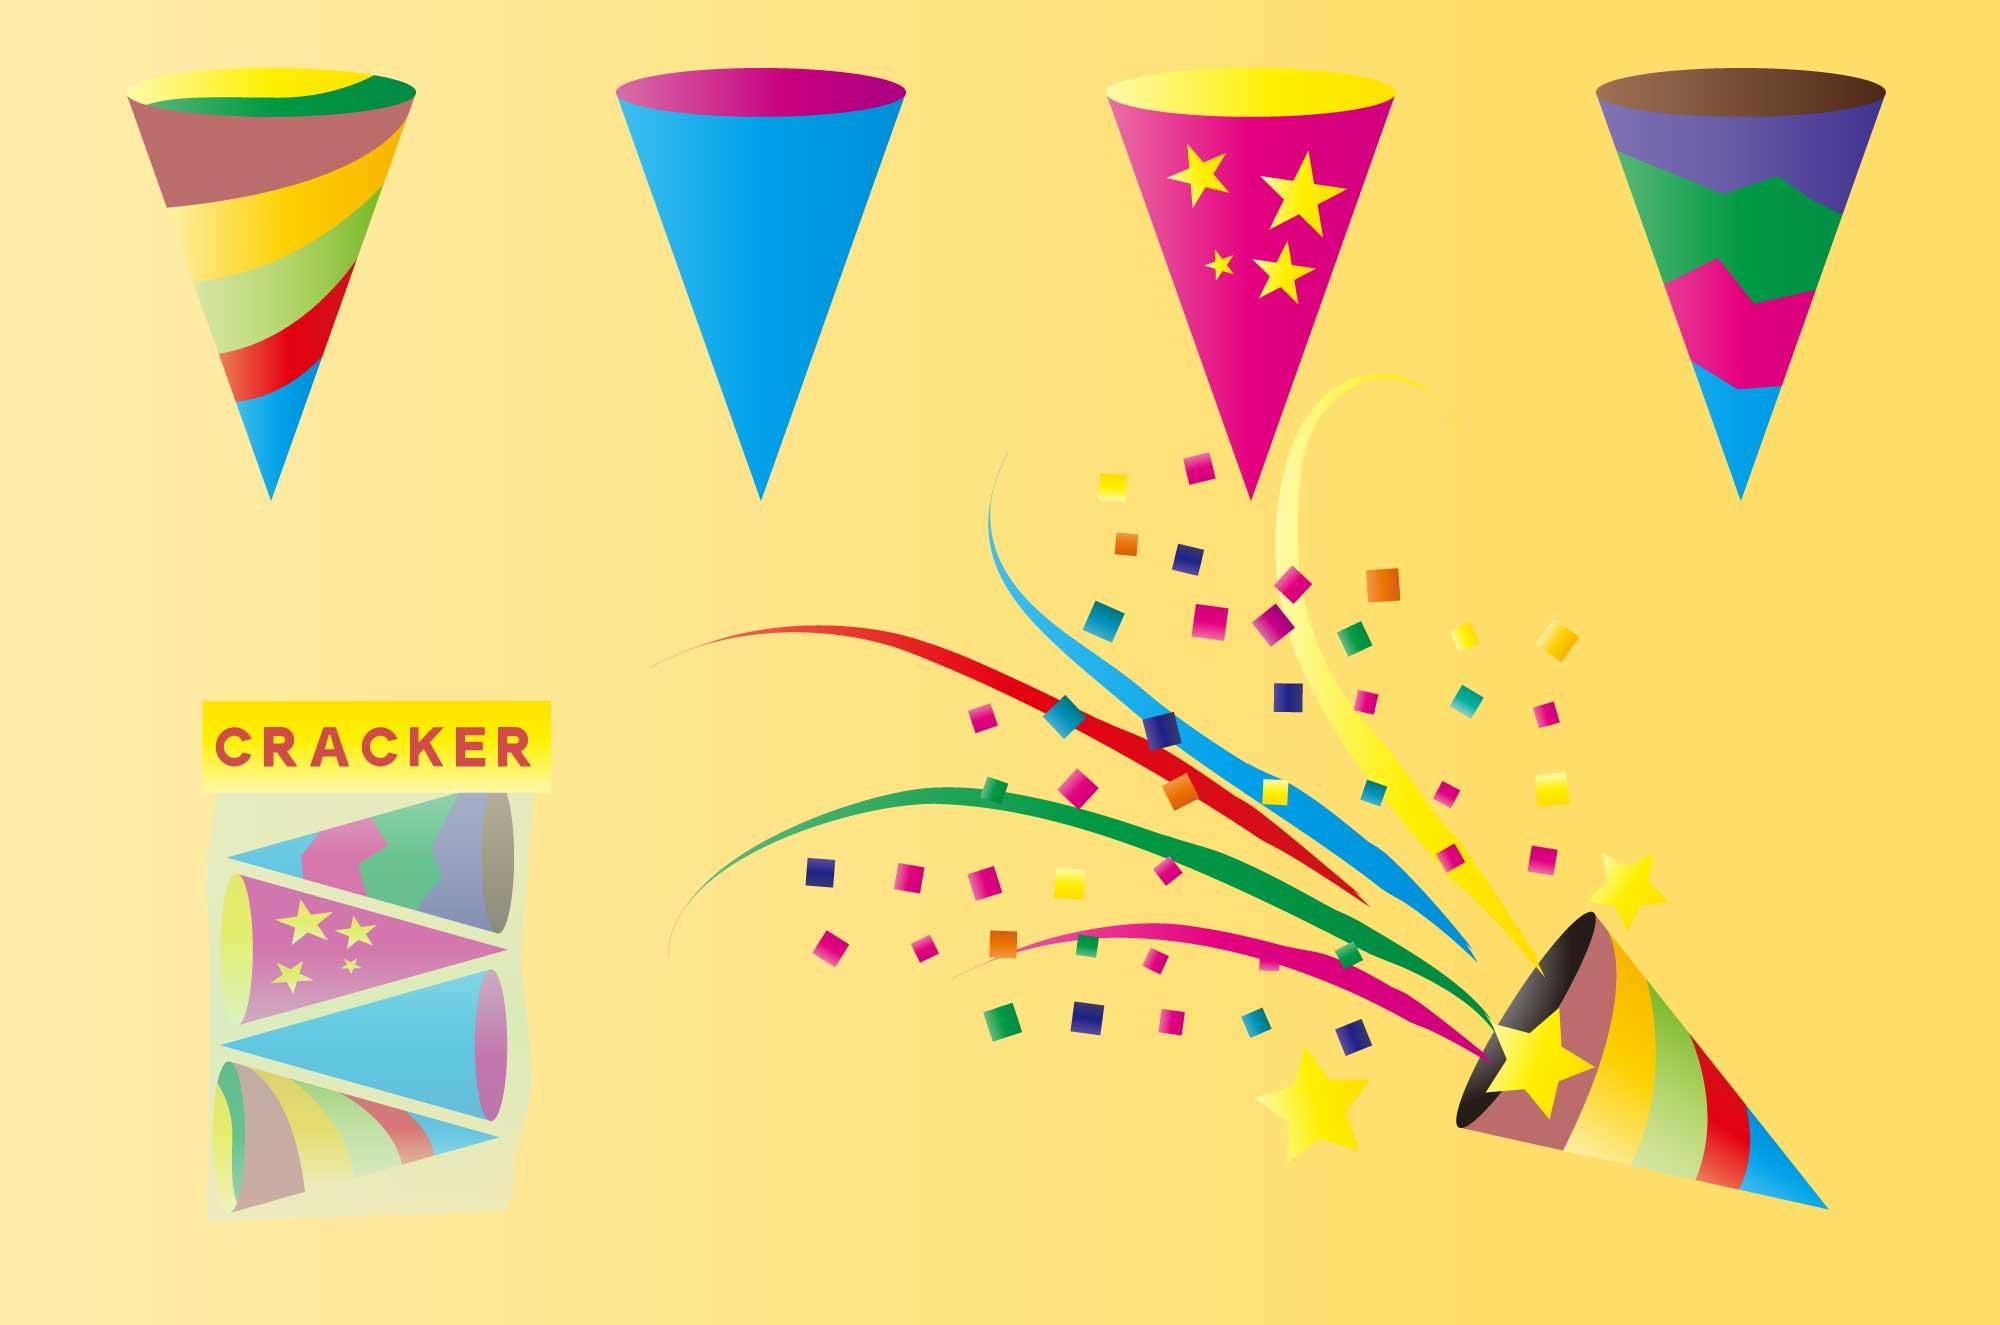 クラッカーの無料イラスト - パーティー装飾素材